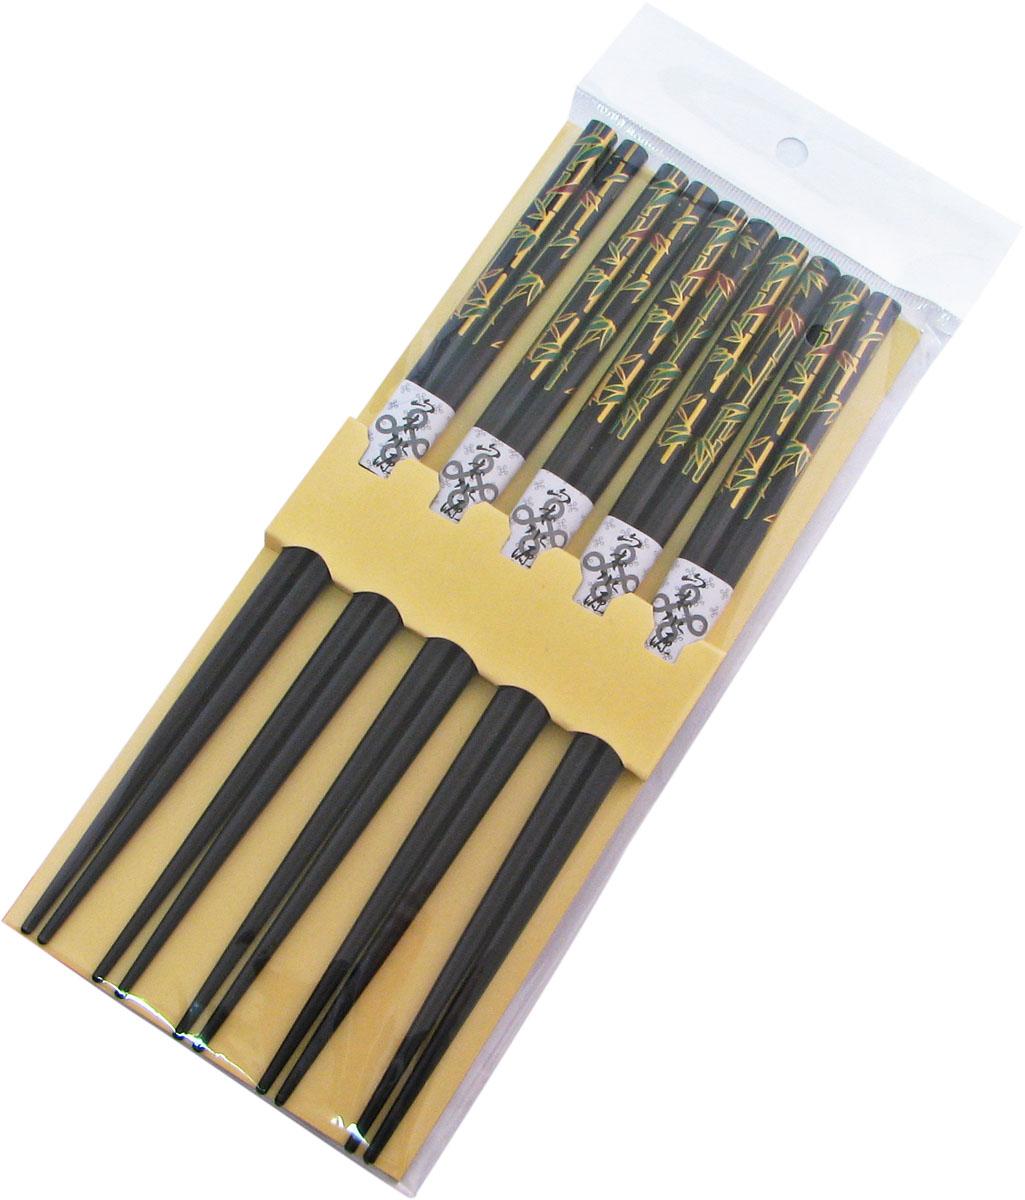 Палочки бамбуковые, цвет: черный, 10 шт. 40355 набор для кухни pasta grande 1126804